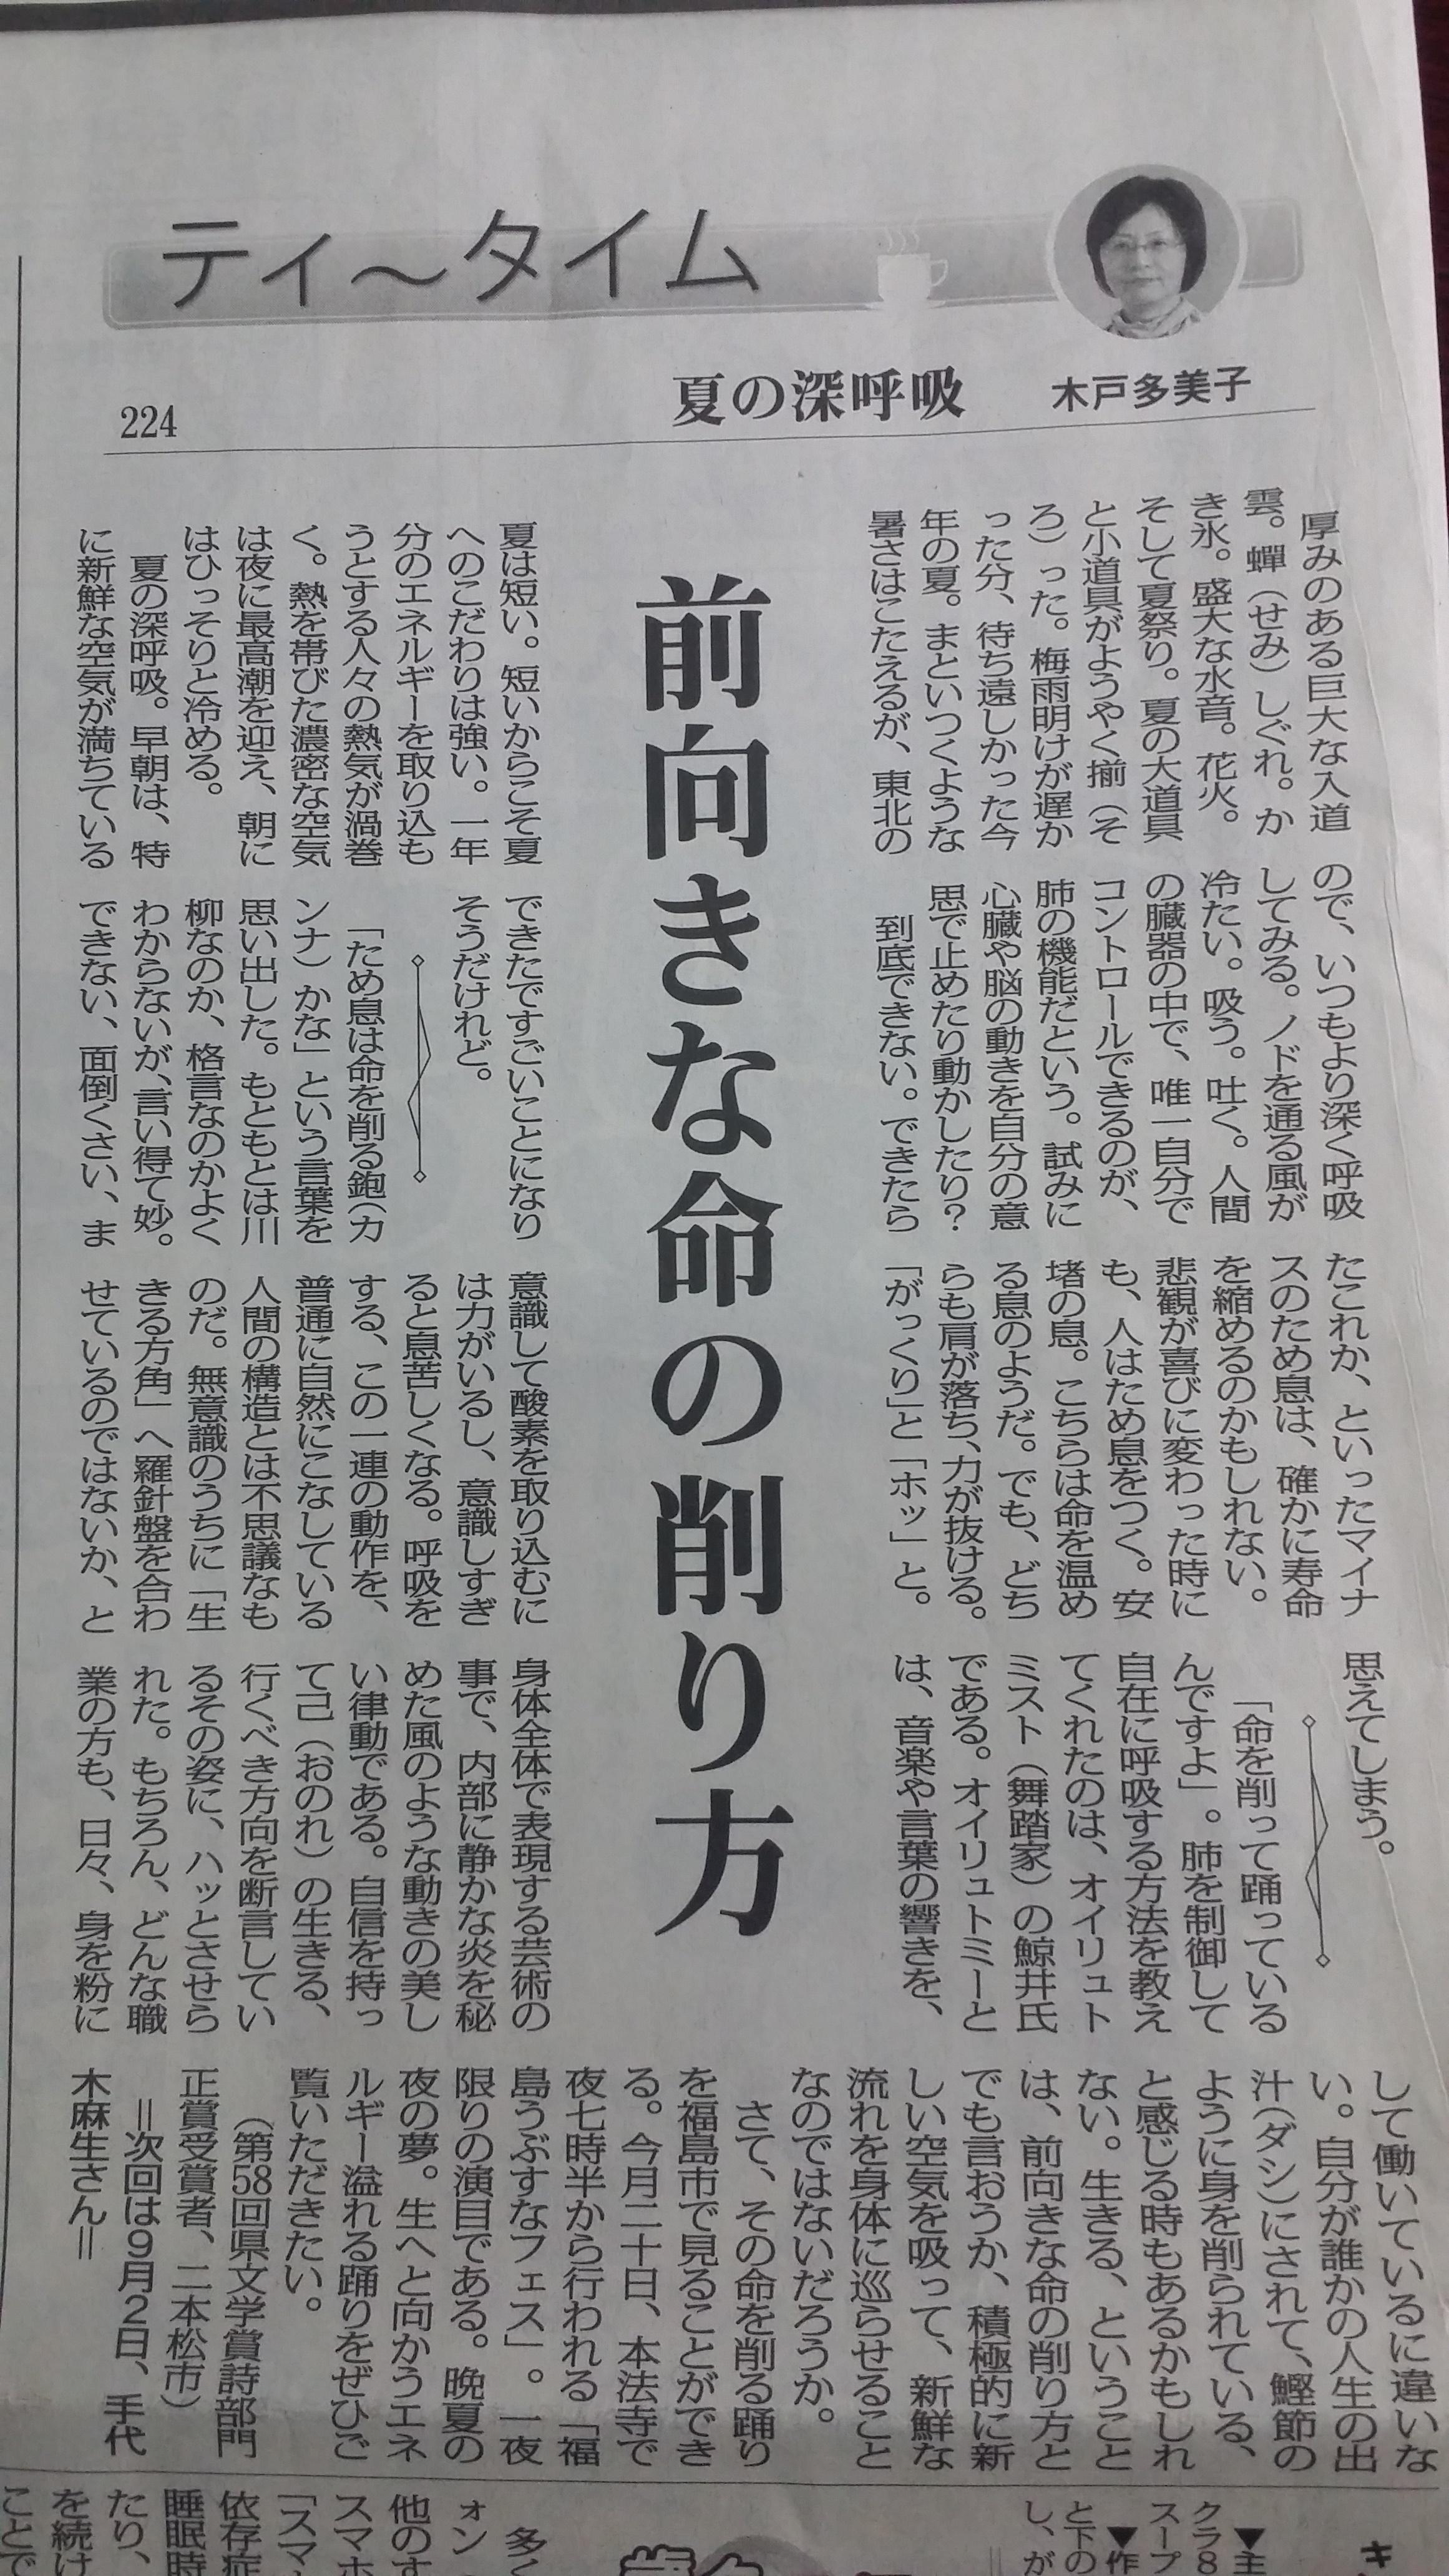 木戸さんの記事